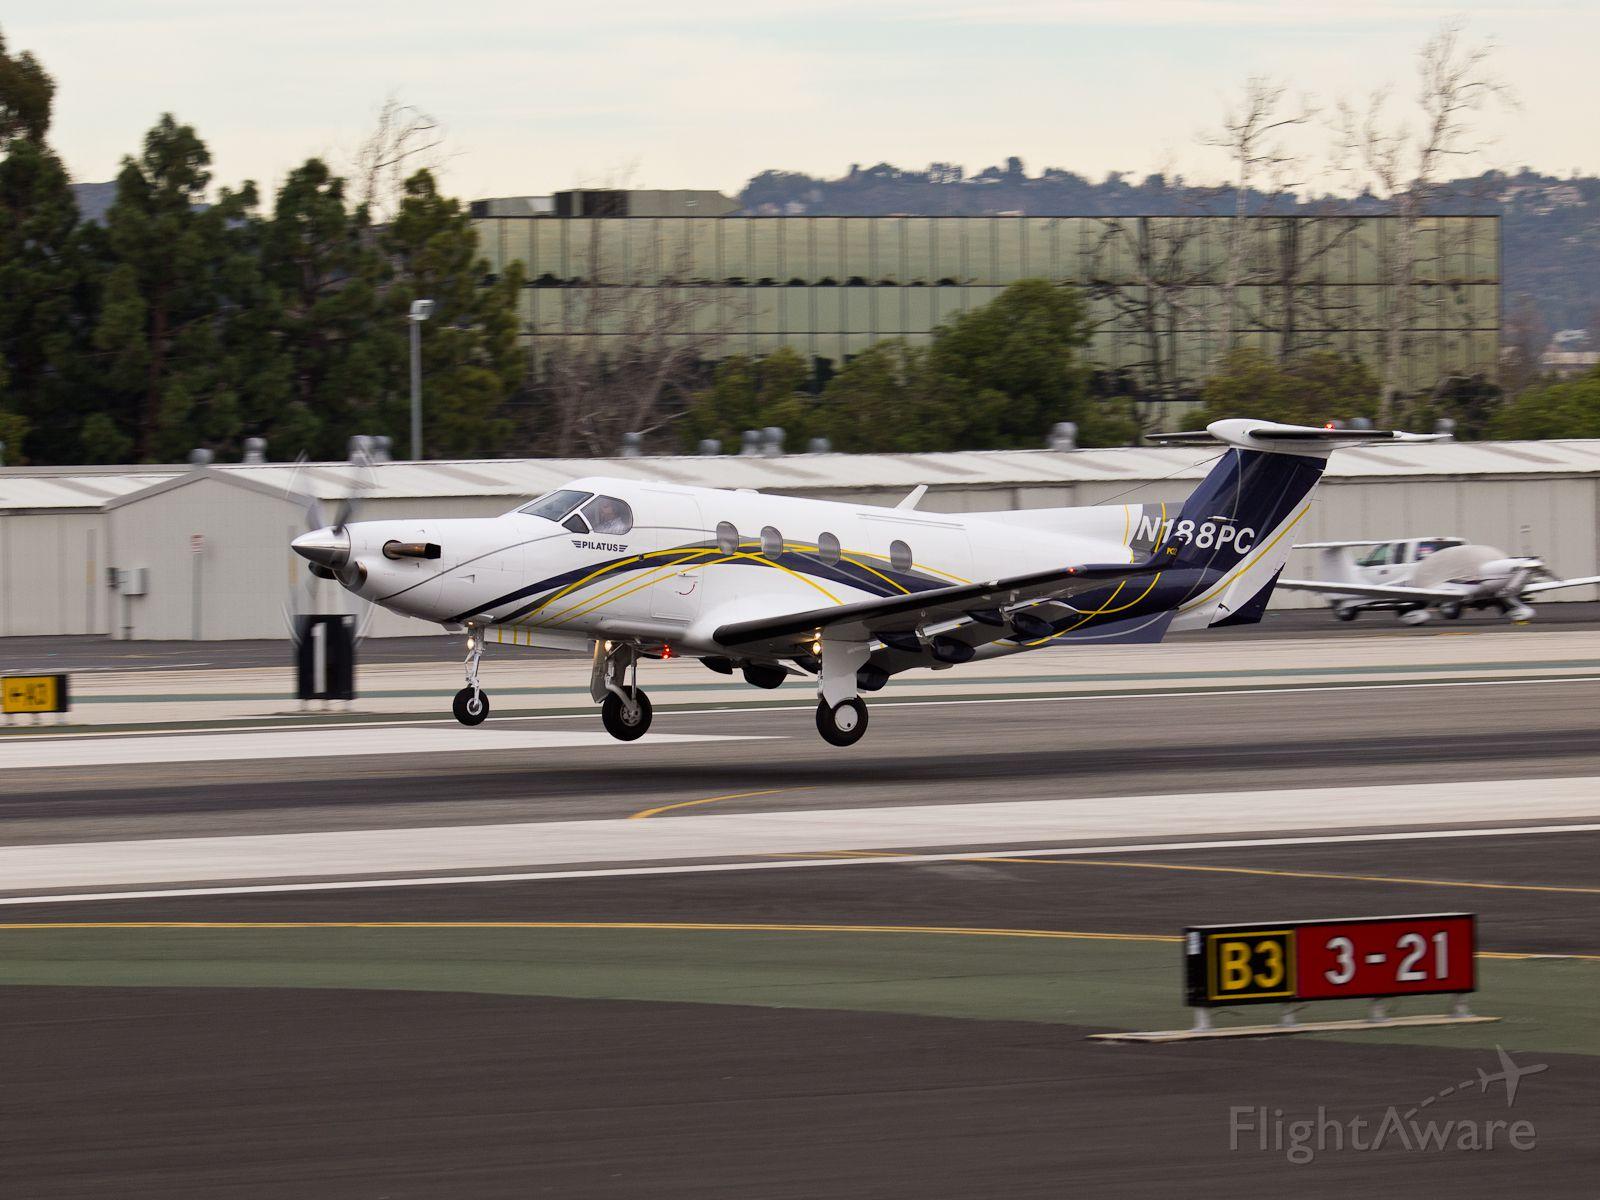 Pilatus PC-12 (N188PC) - N188PC arriving on RWY 21